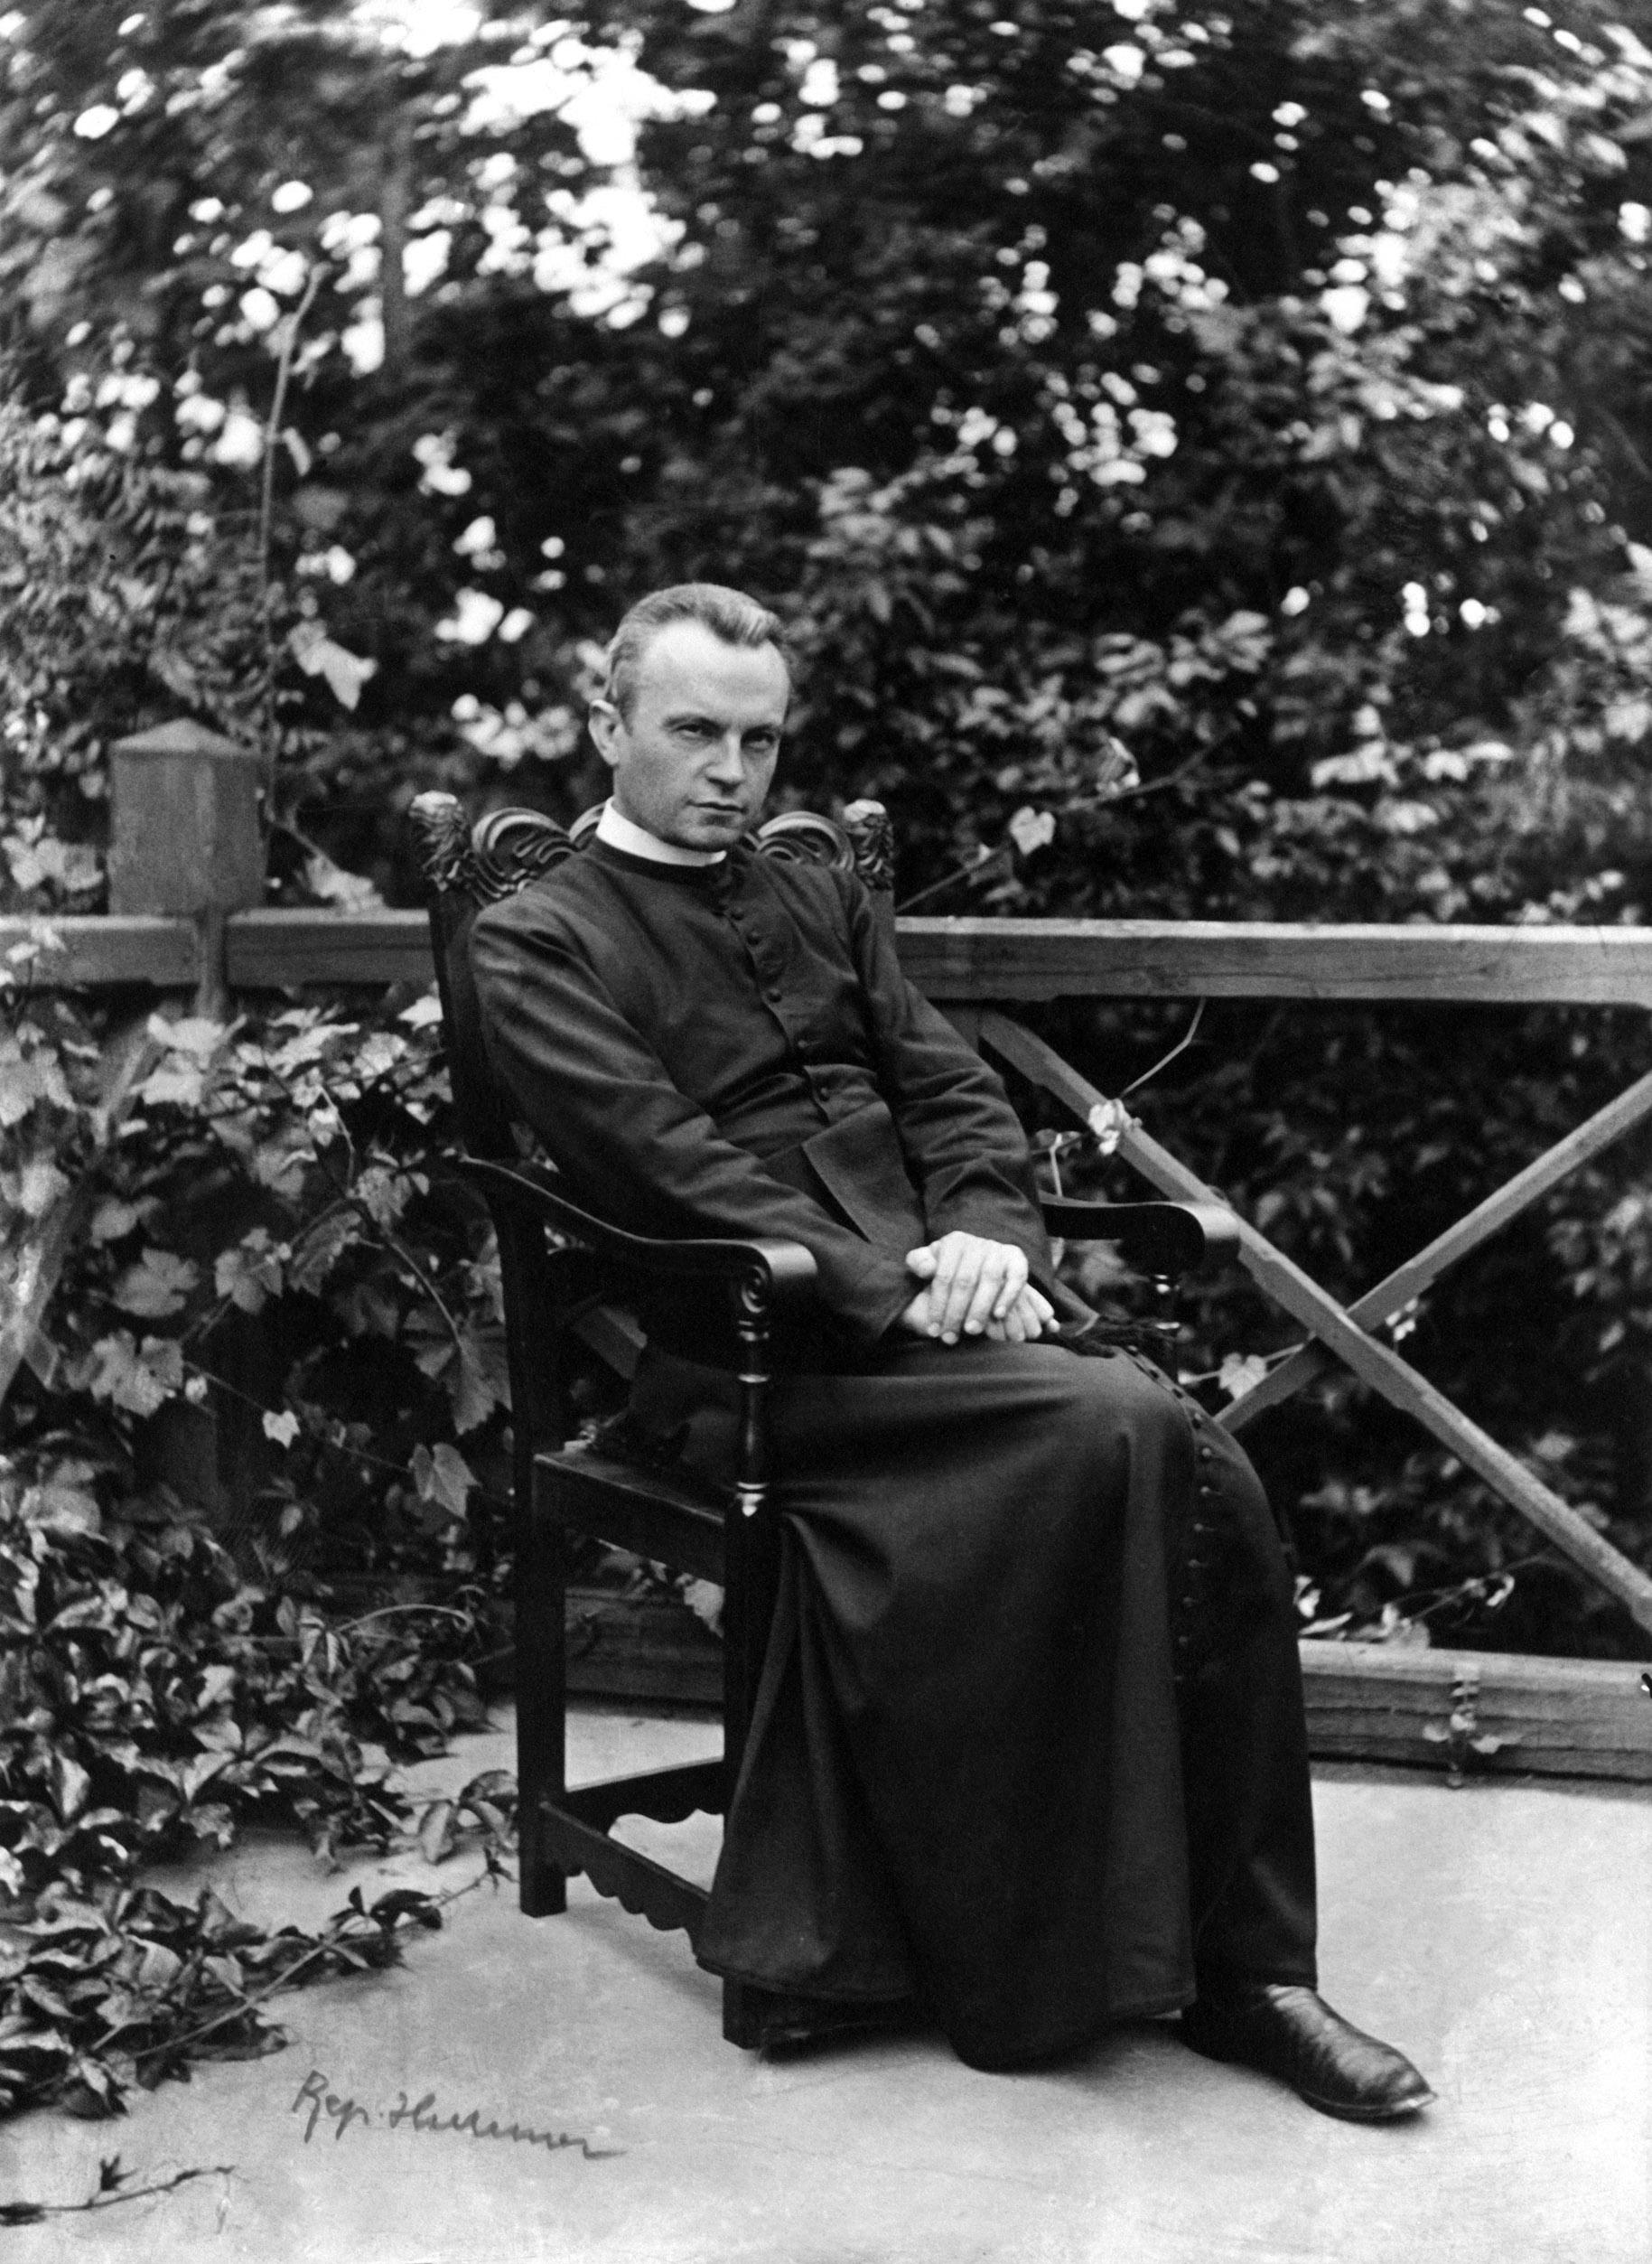 Prohászka Ottokár székesfehérvári püspök. Az eredeti felvétel készítésének pontos dátuma ismeretlen. A reprodukciót Czimbal Gyula, az MTI fotóriportere készítette 2006. február 23-án, /Forrás: MTI